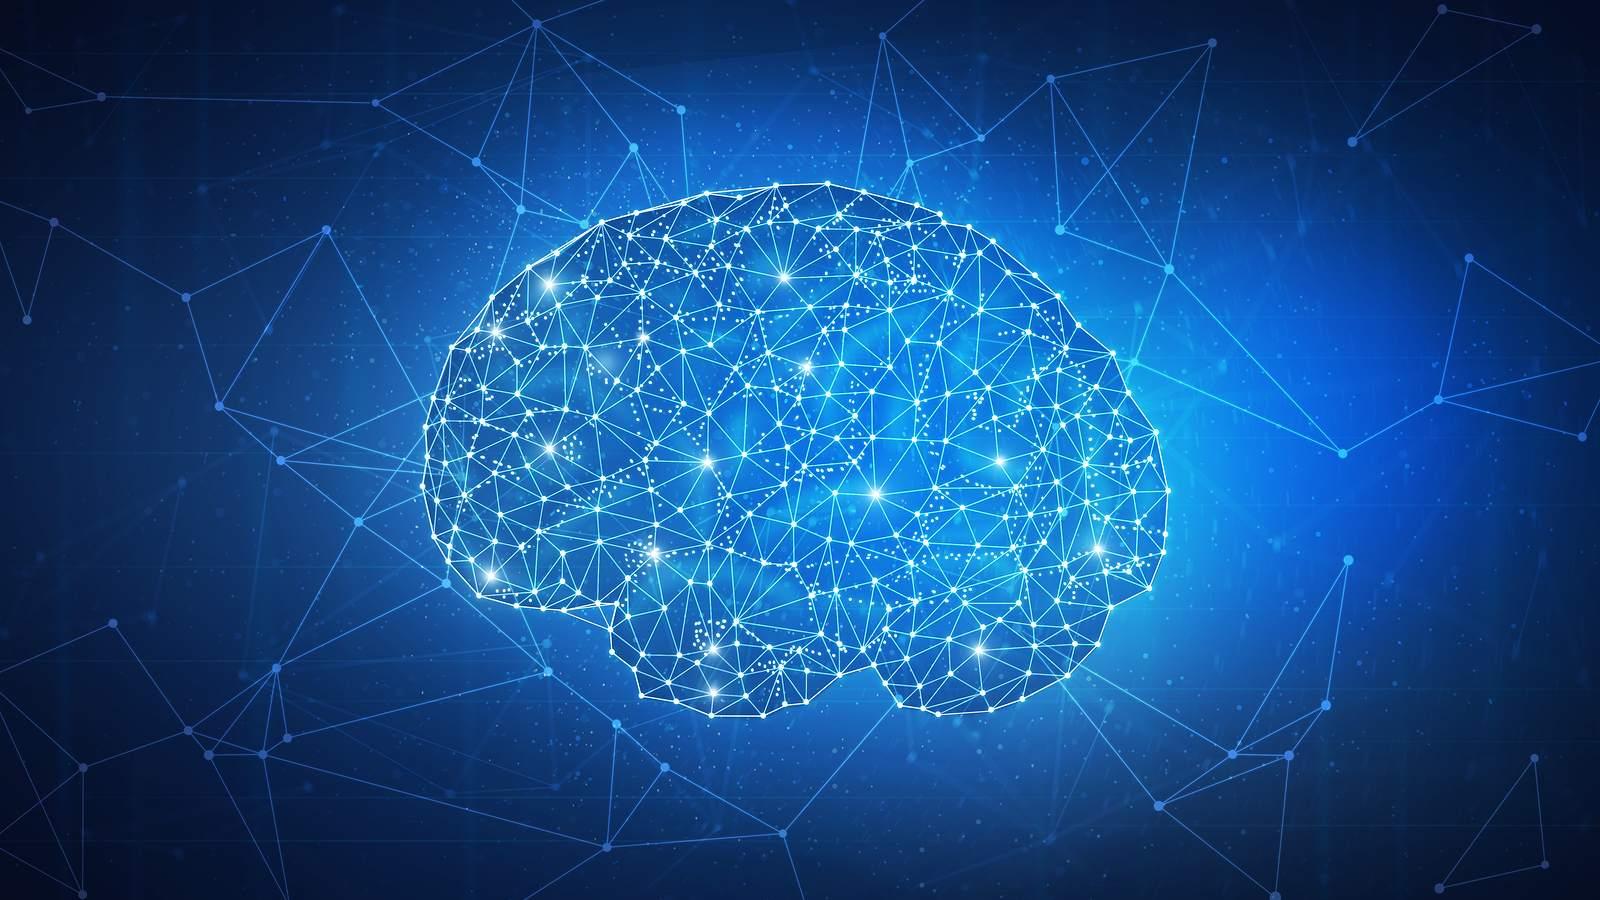 الگوریتم اثبات مغز چیست؟